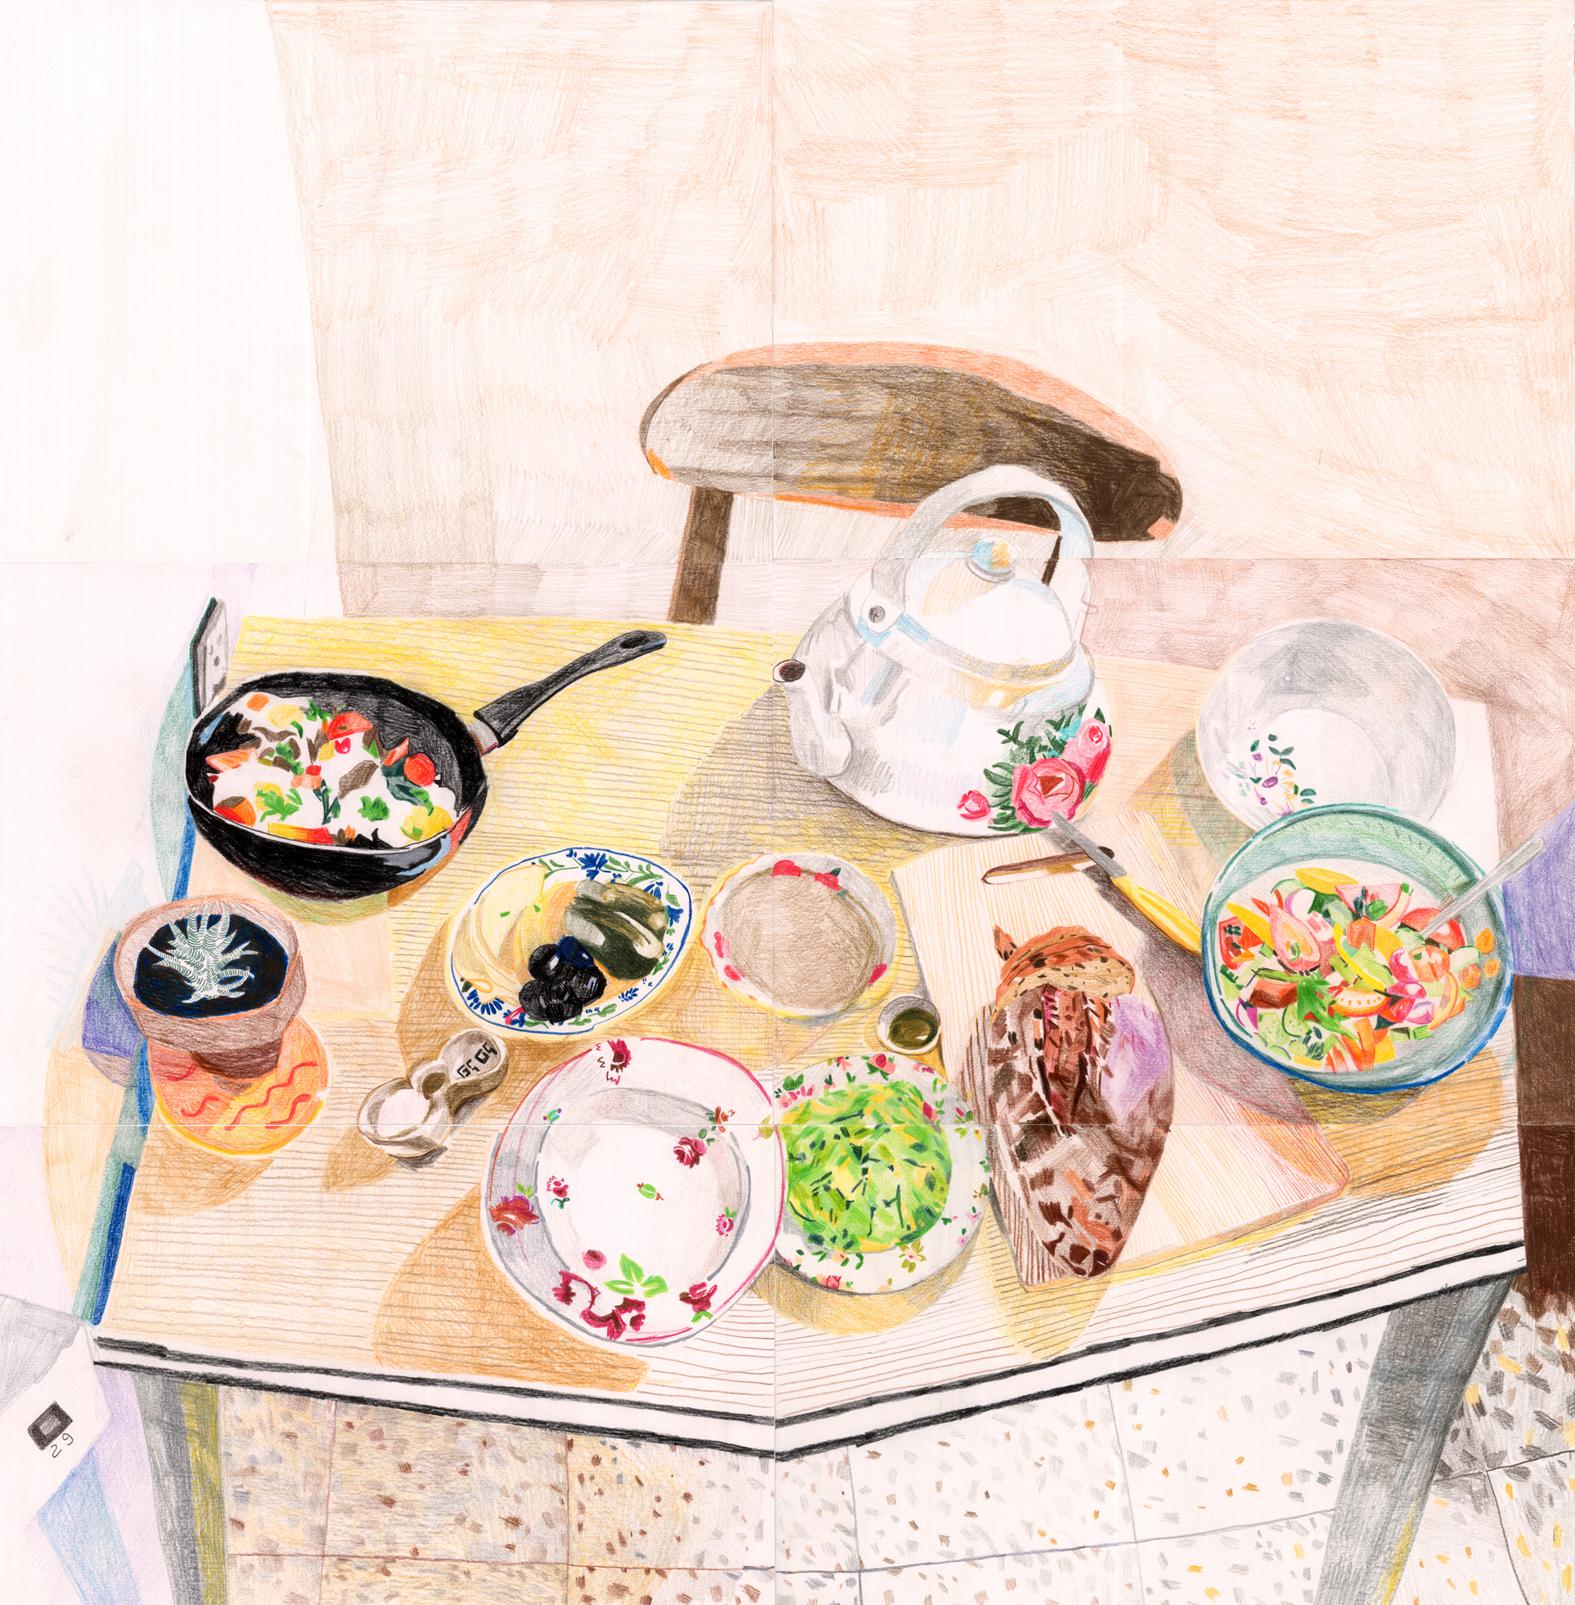 ארוחת בוקר אצל גל 2016 הילה שפיצר.jpg